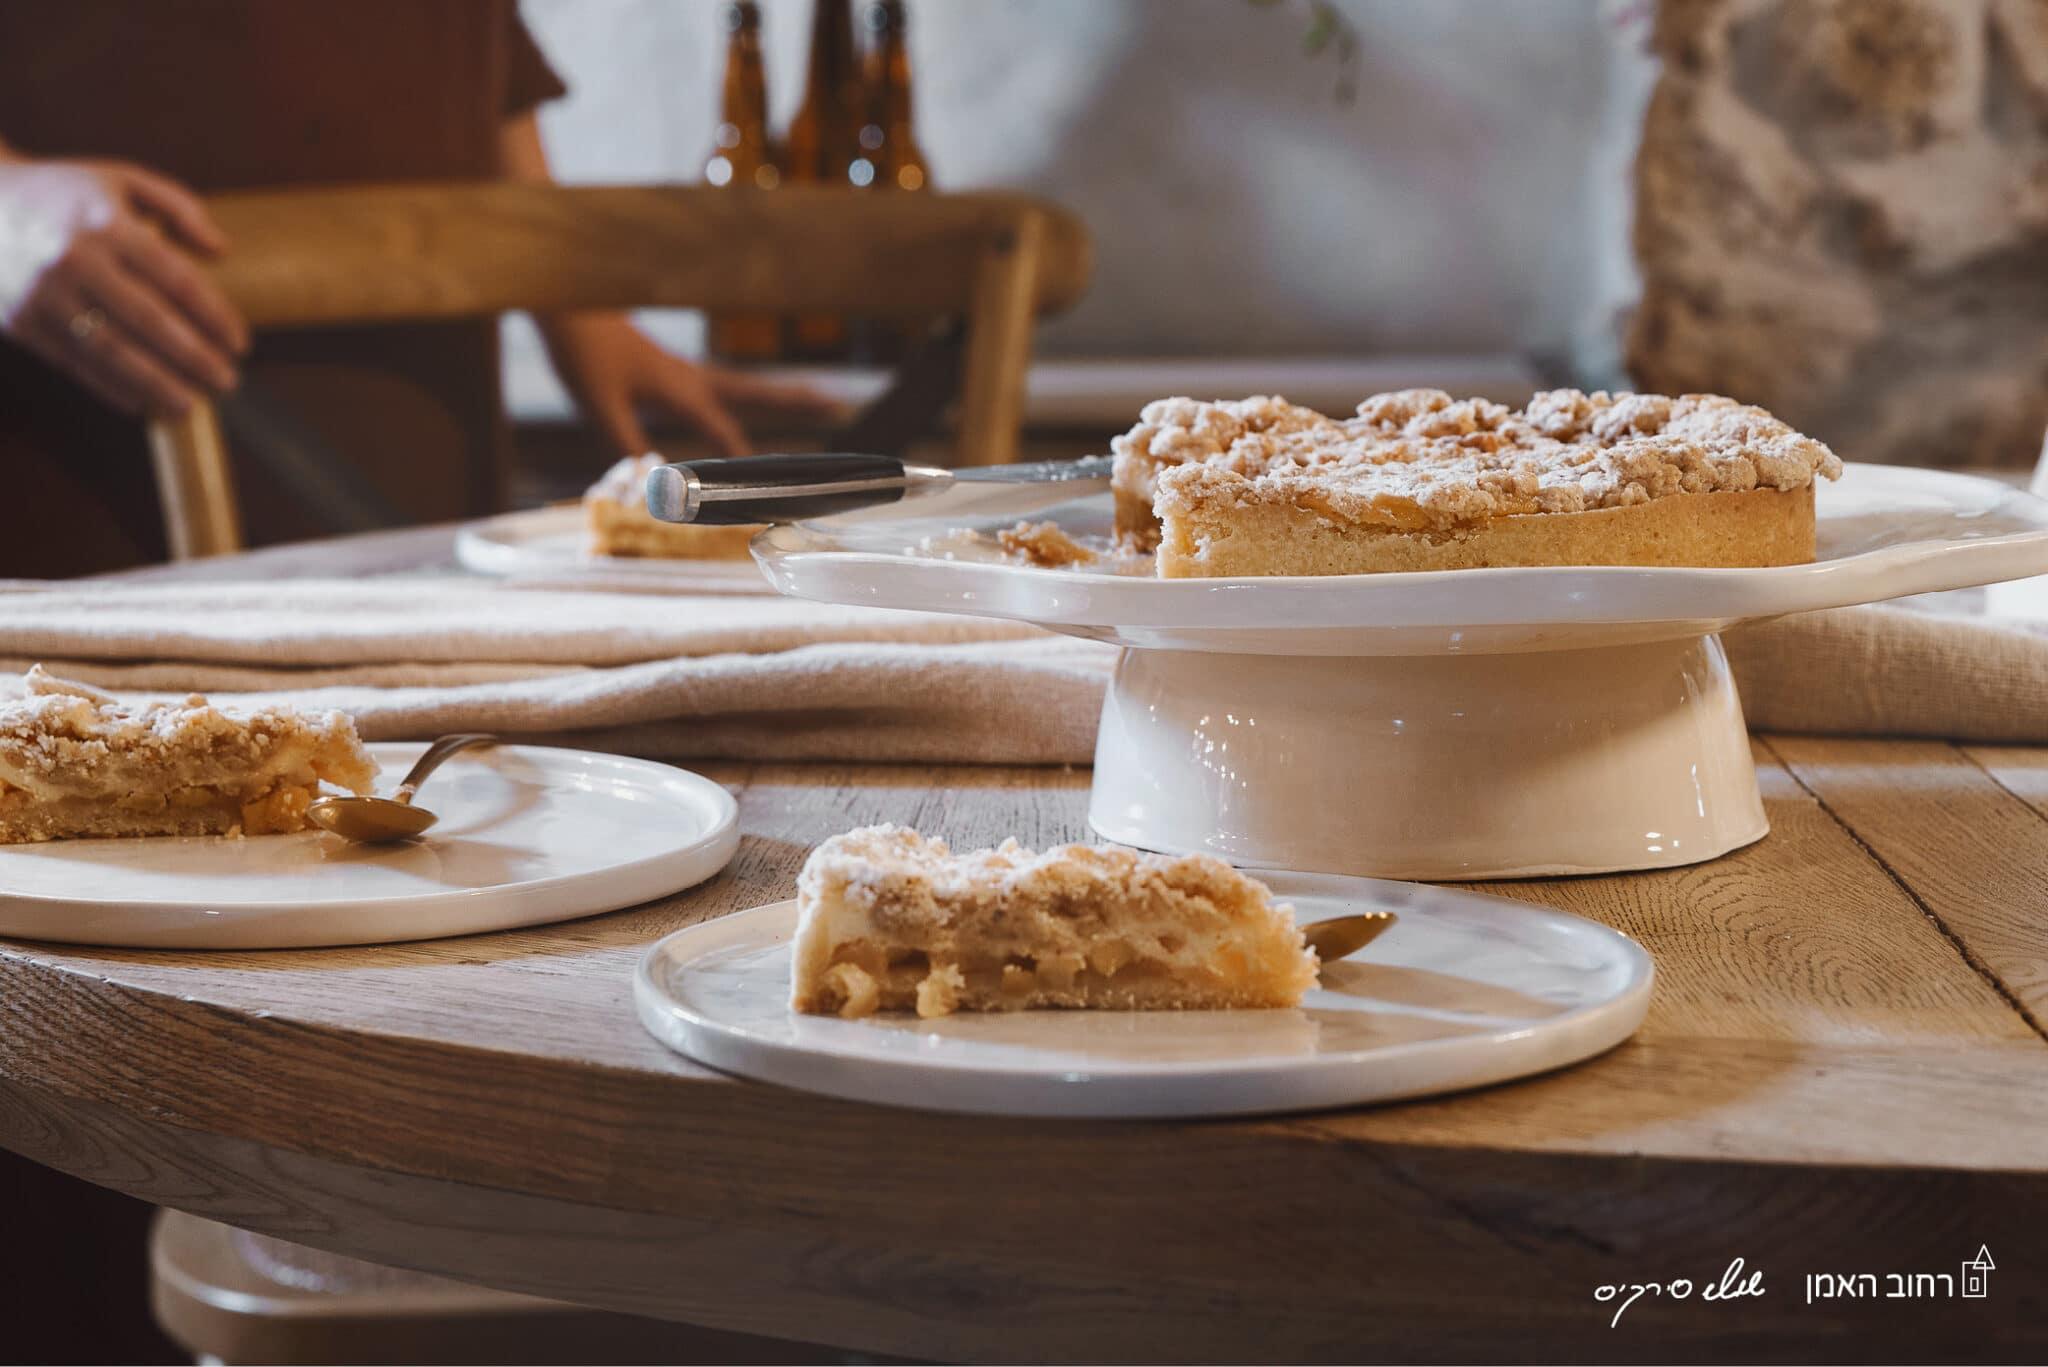 טארט פאי גבינה תפוחים ושטרויזל שקדים של MIREL שוקולד וקונדטוריית בוטיק